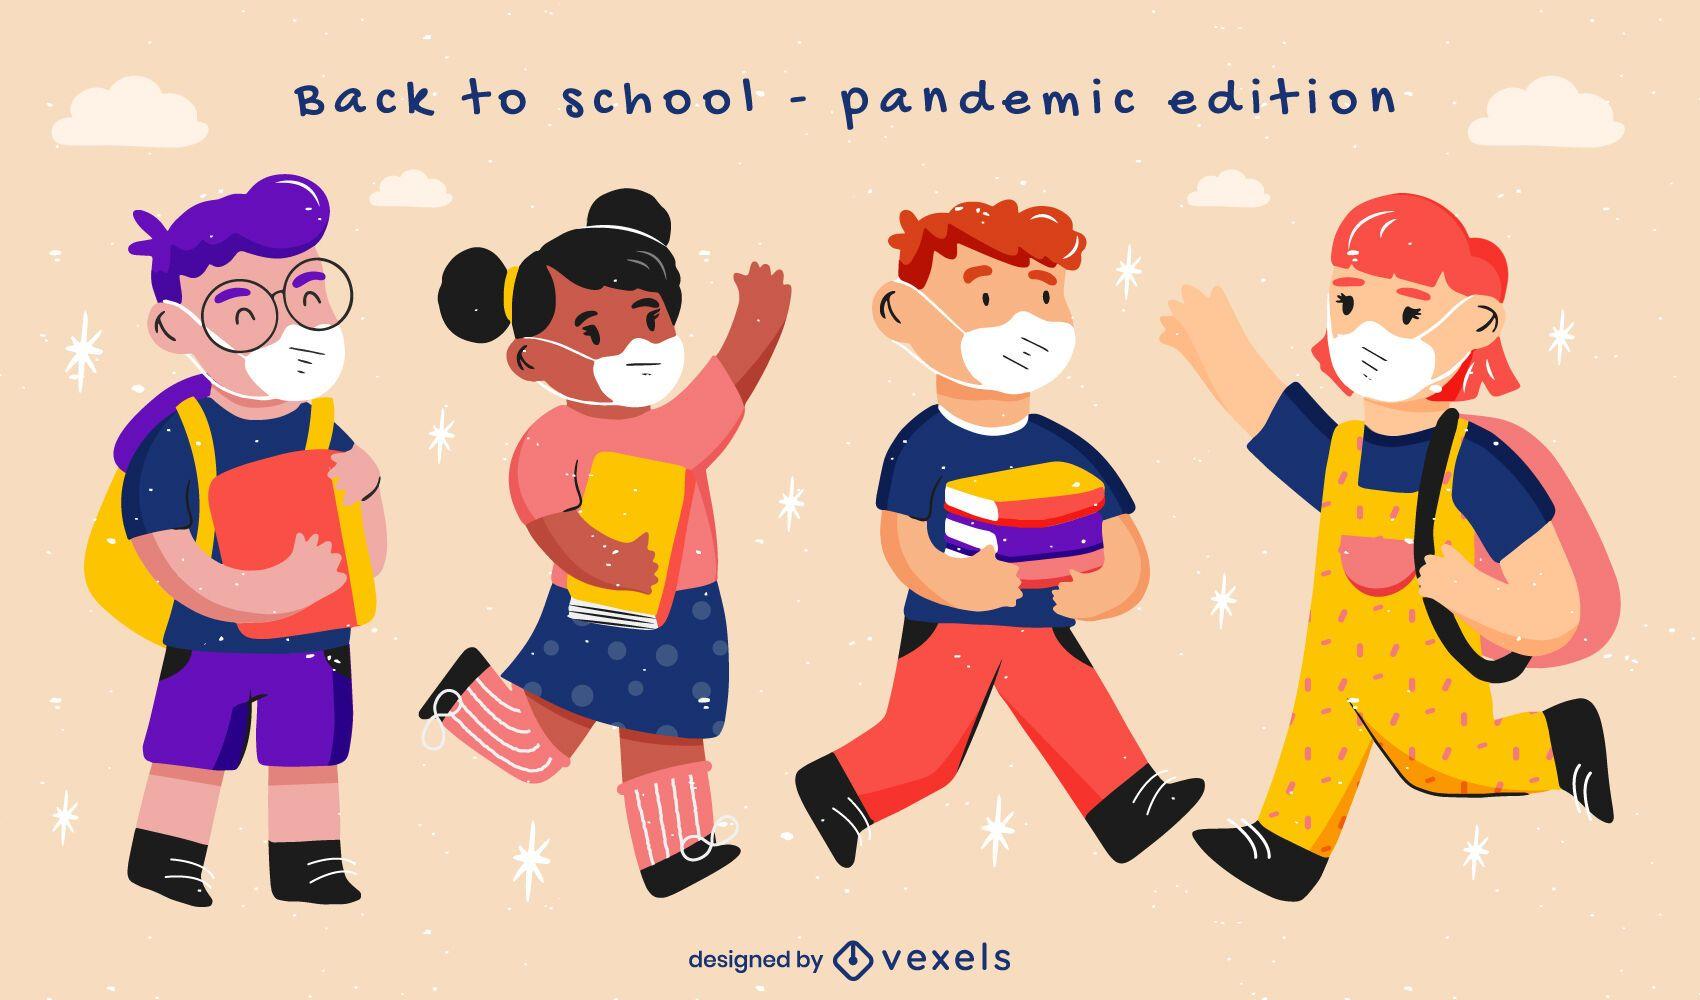 Niños de regreso a la escuela conjunto de caracteres pandémicos.